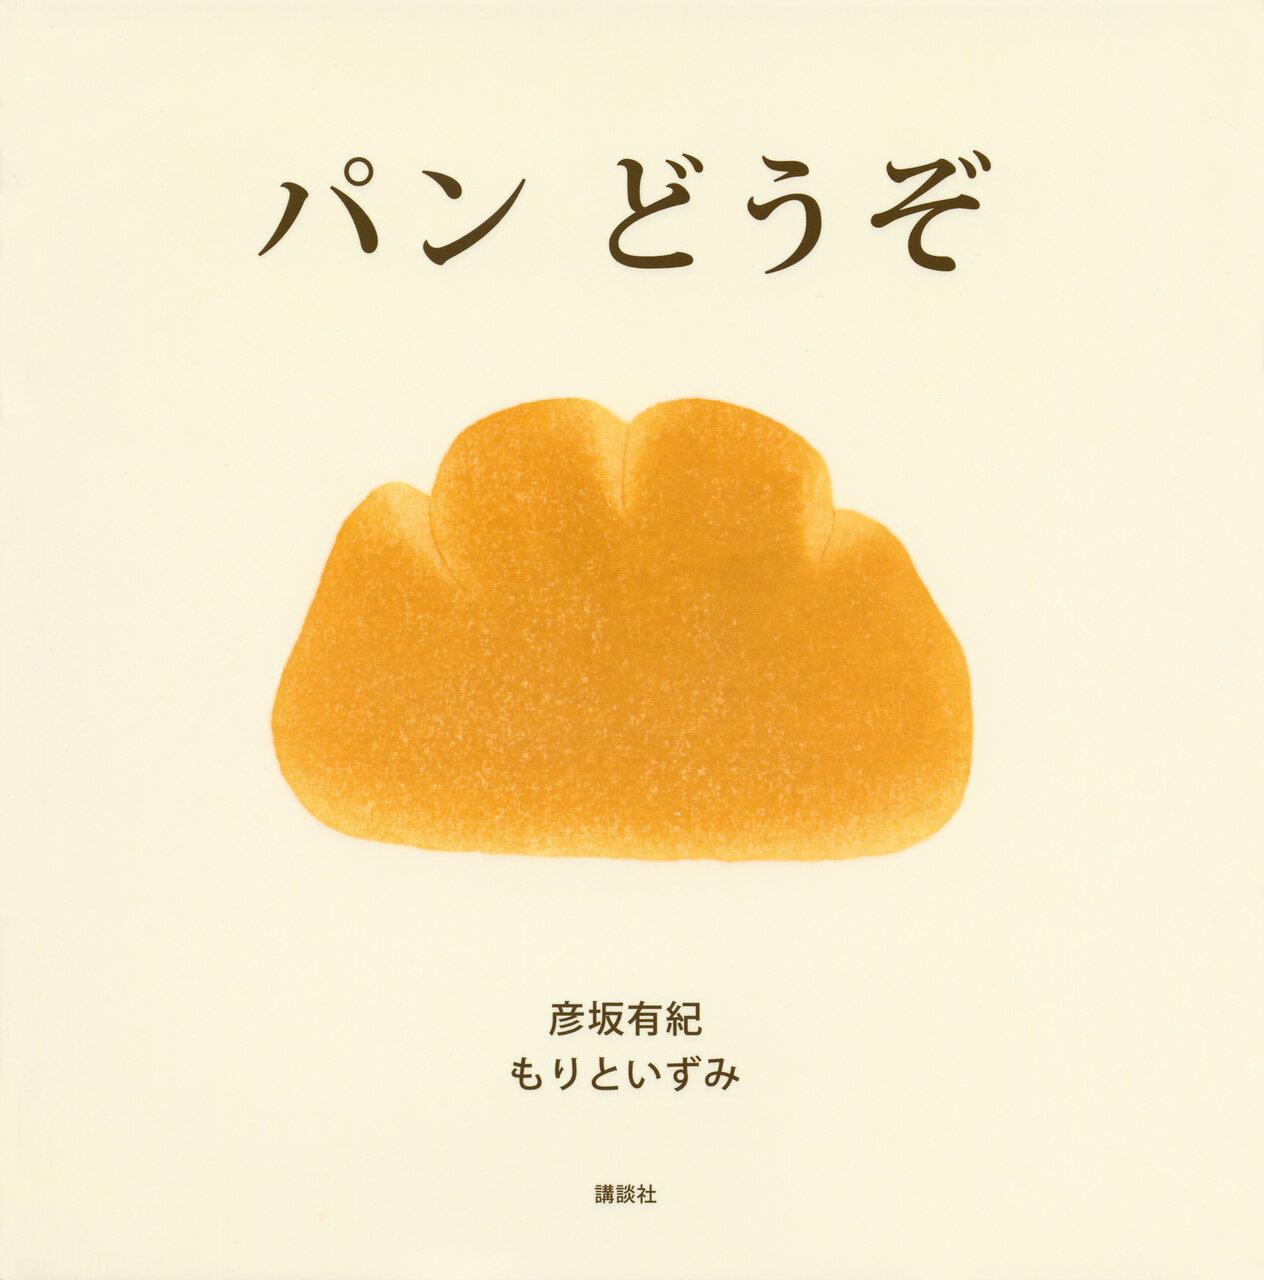 本物以上にパンらしく、美味しそうなパンのオンパレード!<br> <br> 『パン どうぞ』<br> 作:彦坂有紀・もりといずみ 講談社